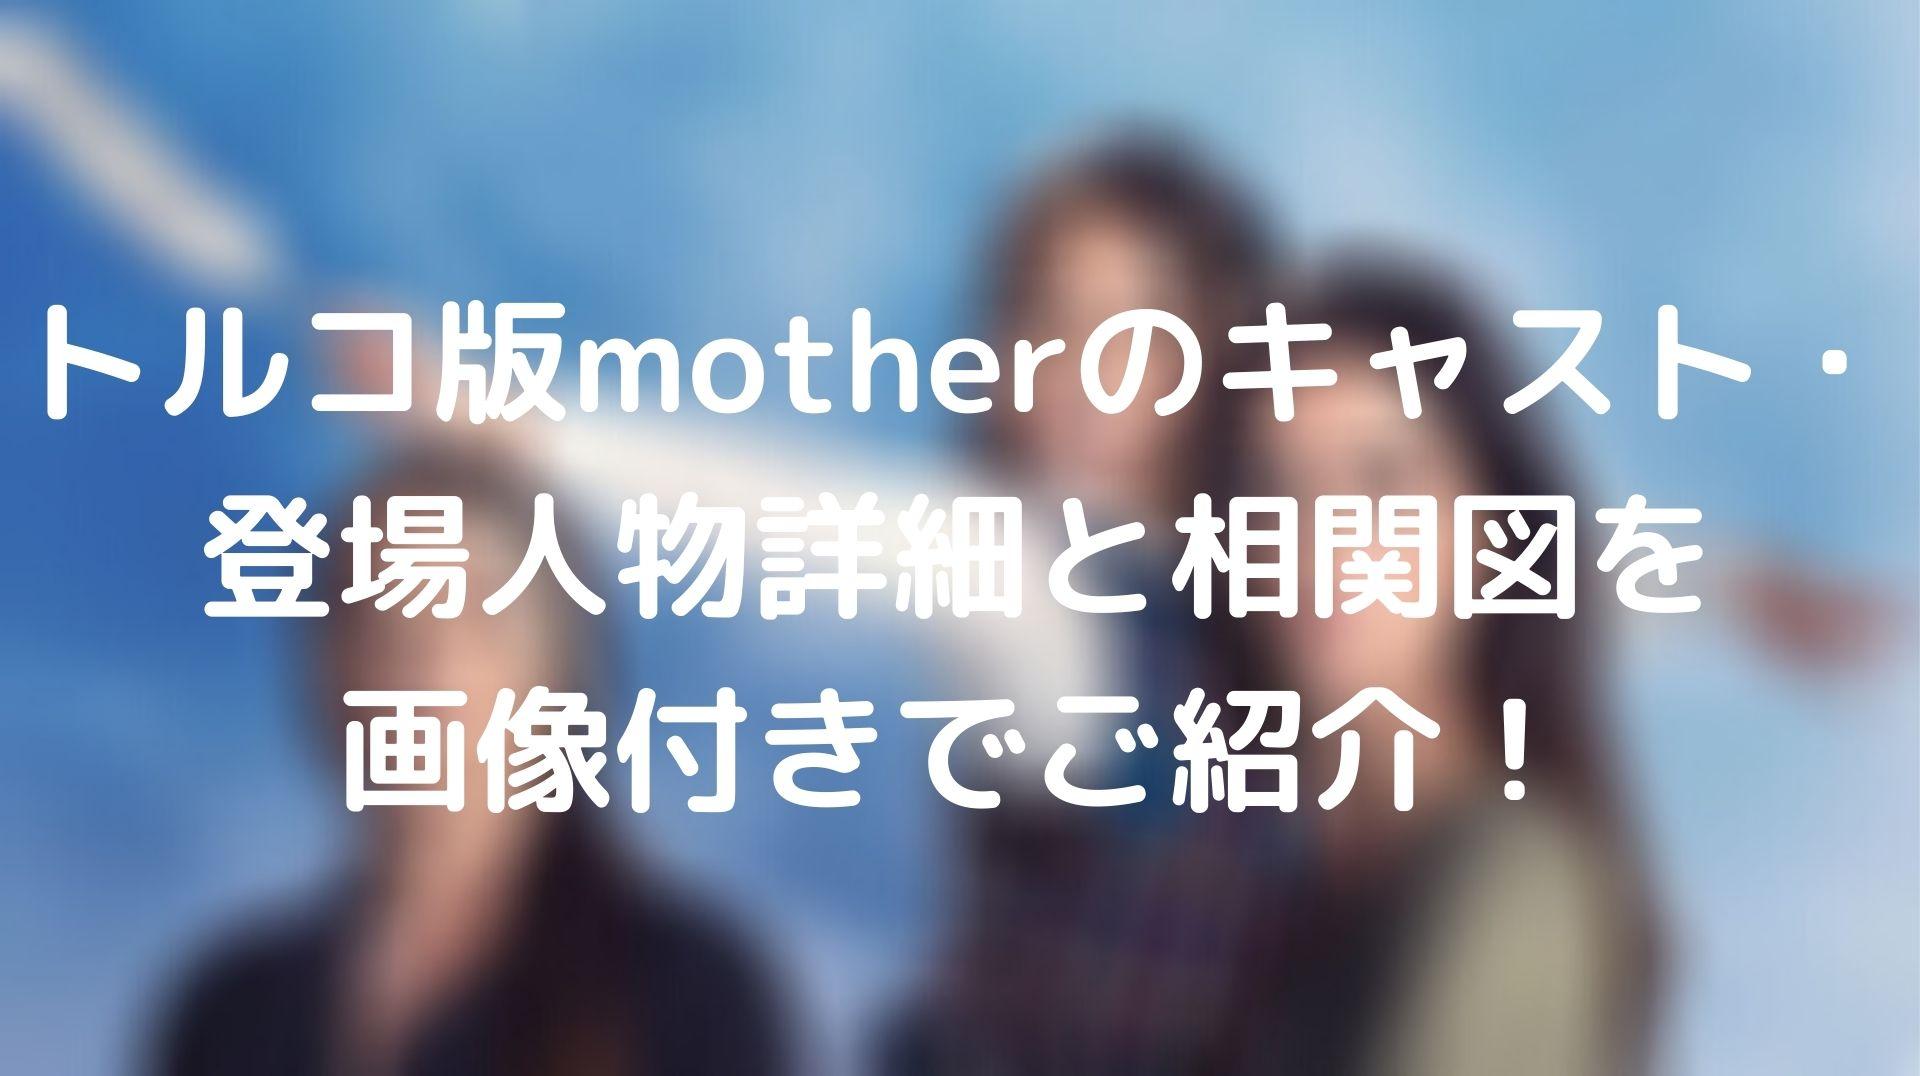 マザー キャスト ドラマ トルコ